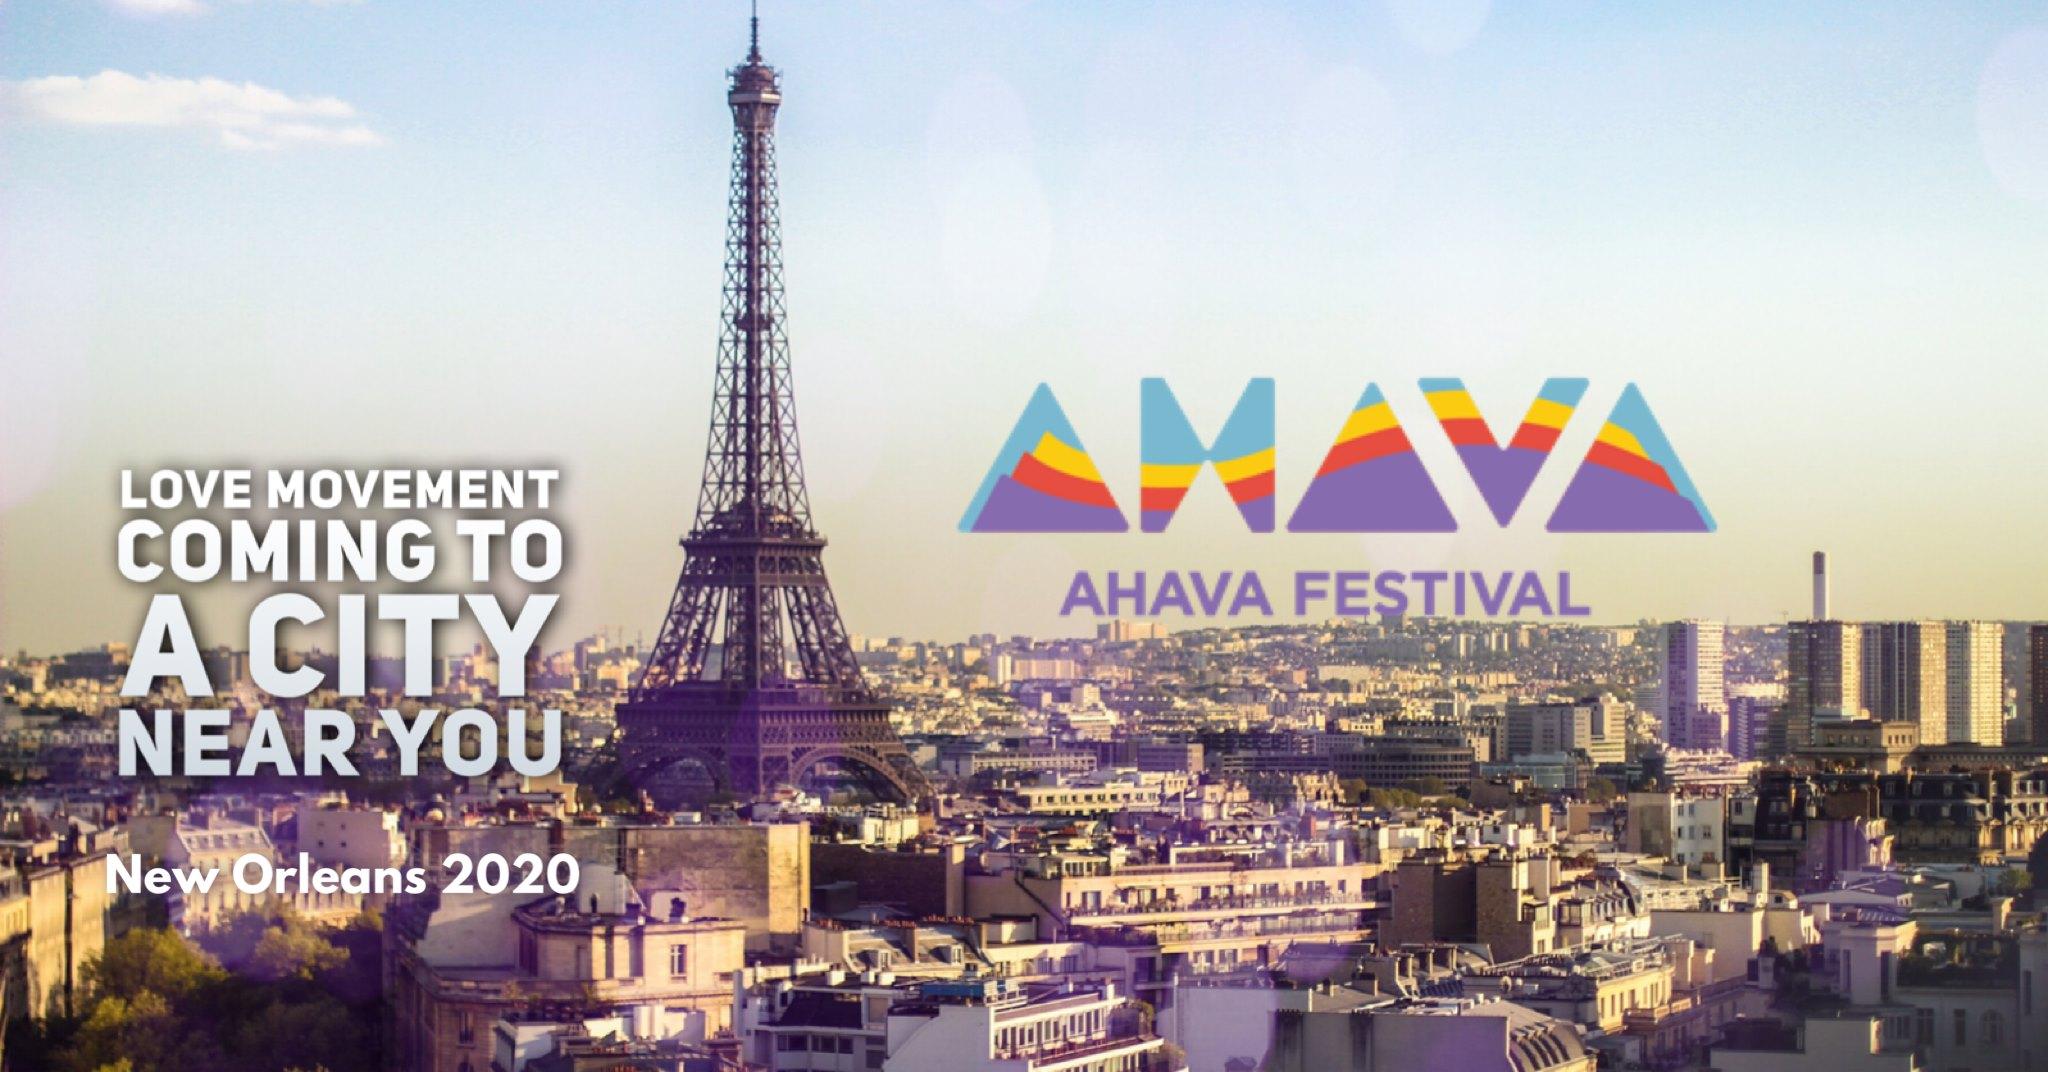 Ahava Festival - New Orleans Festivals 2020